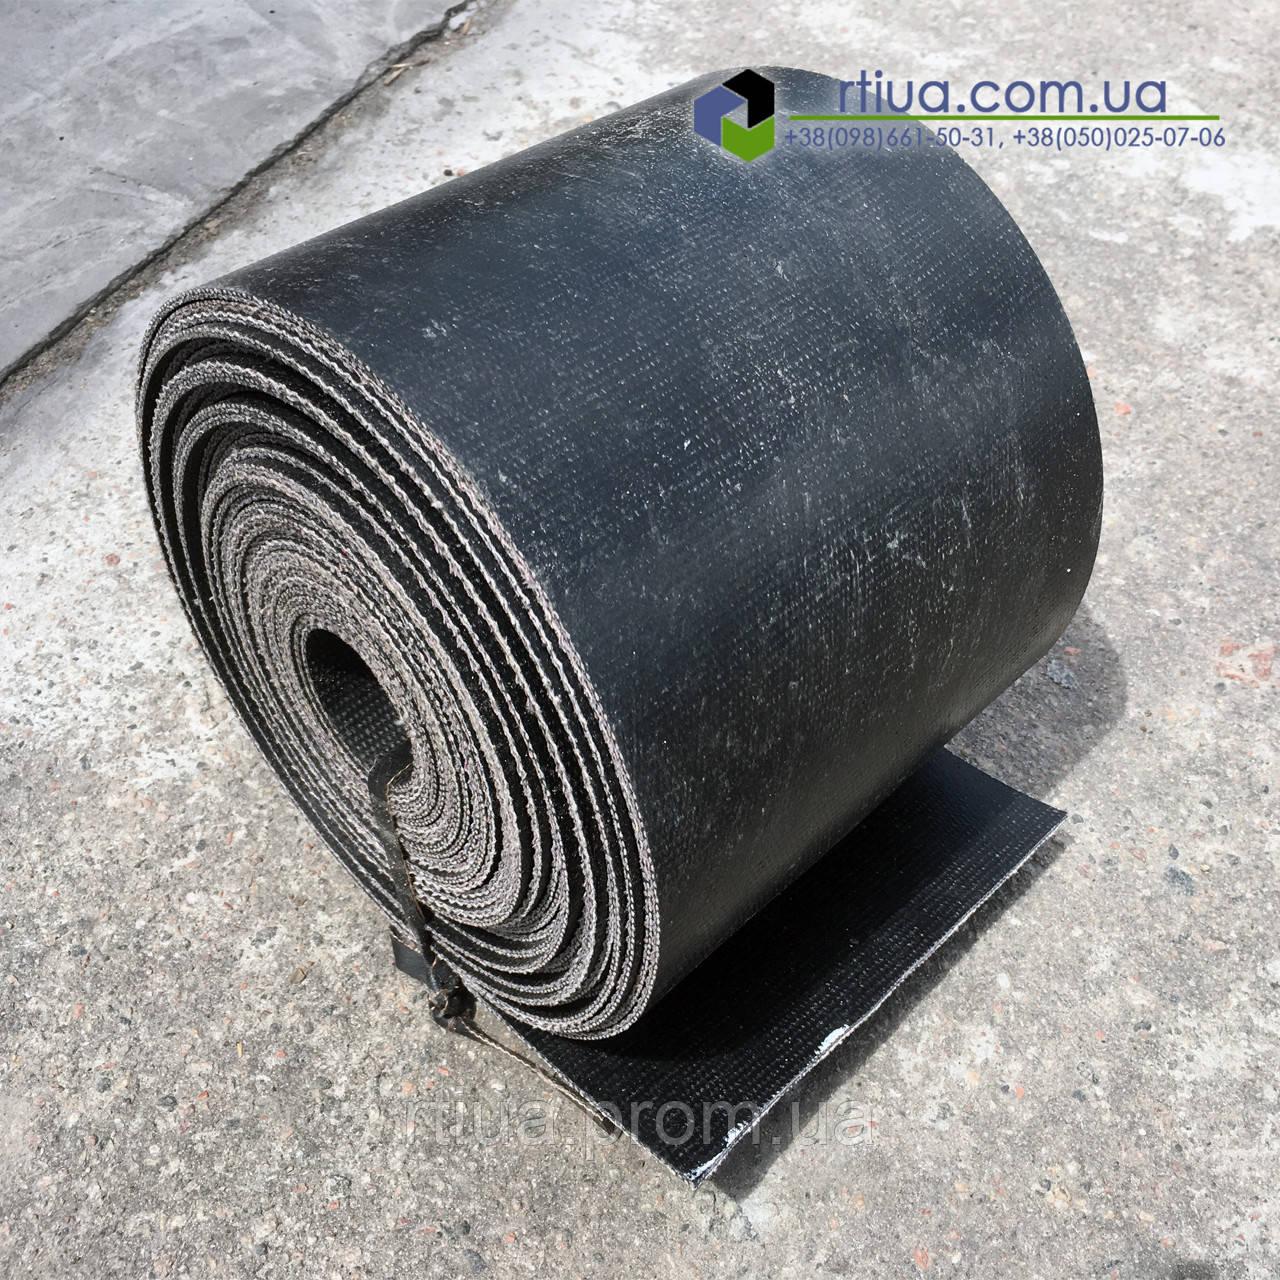 Транспортерная лента БКНЛ, 200х3 мм